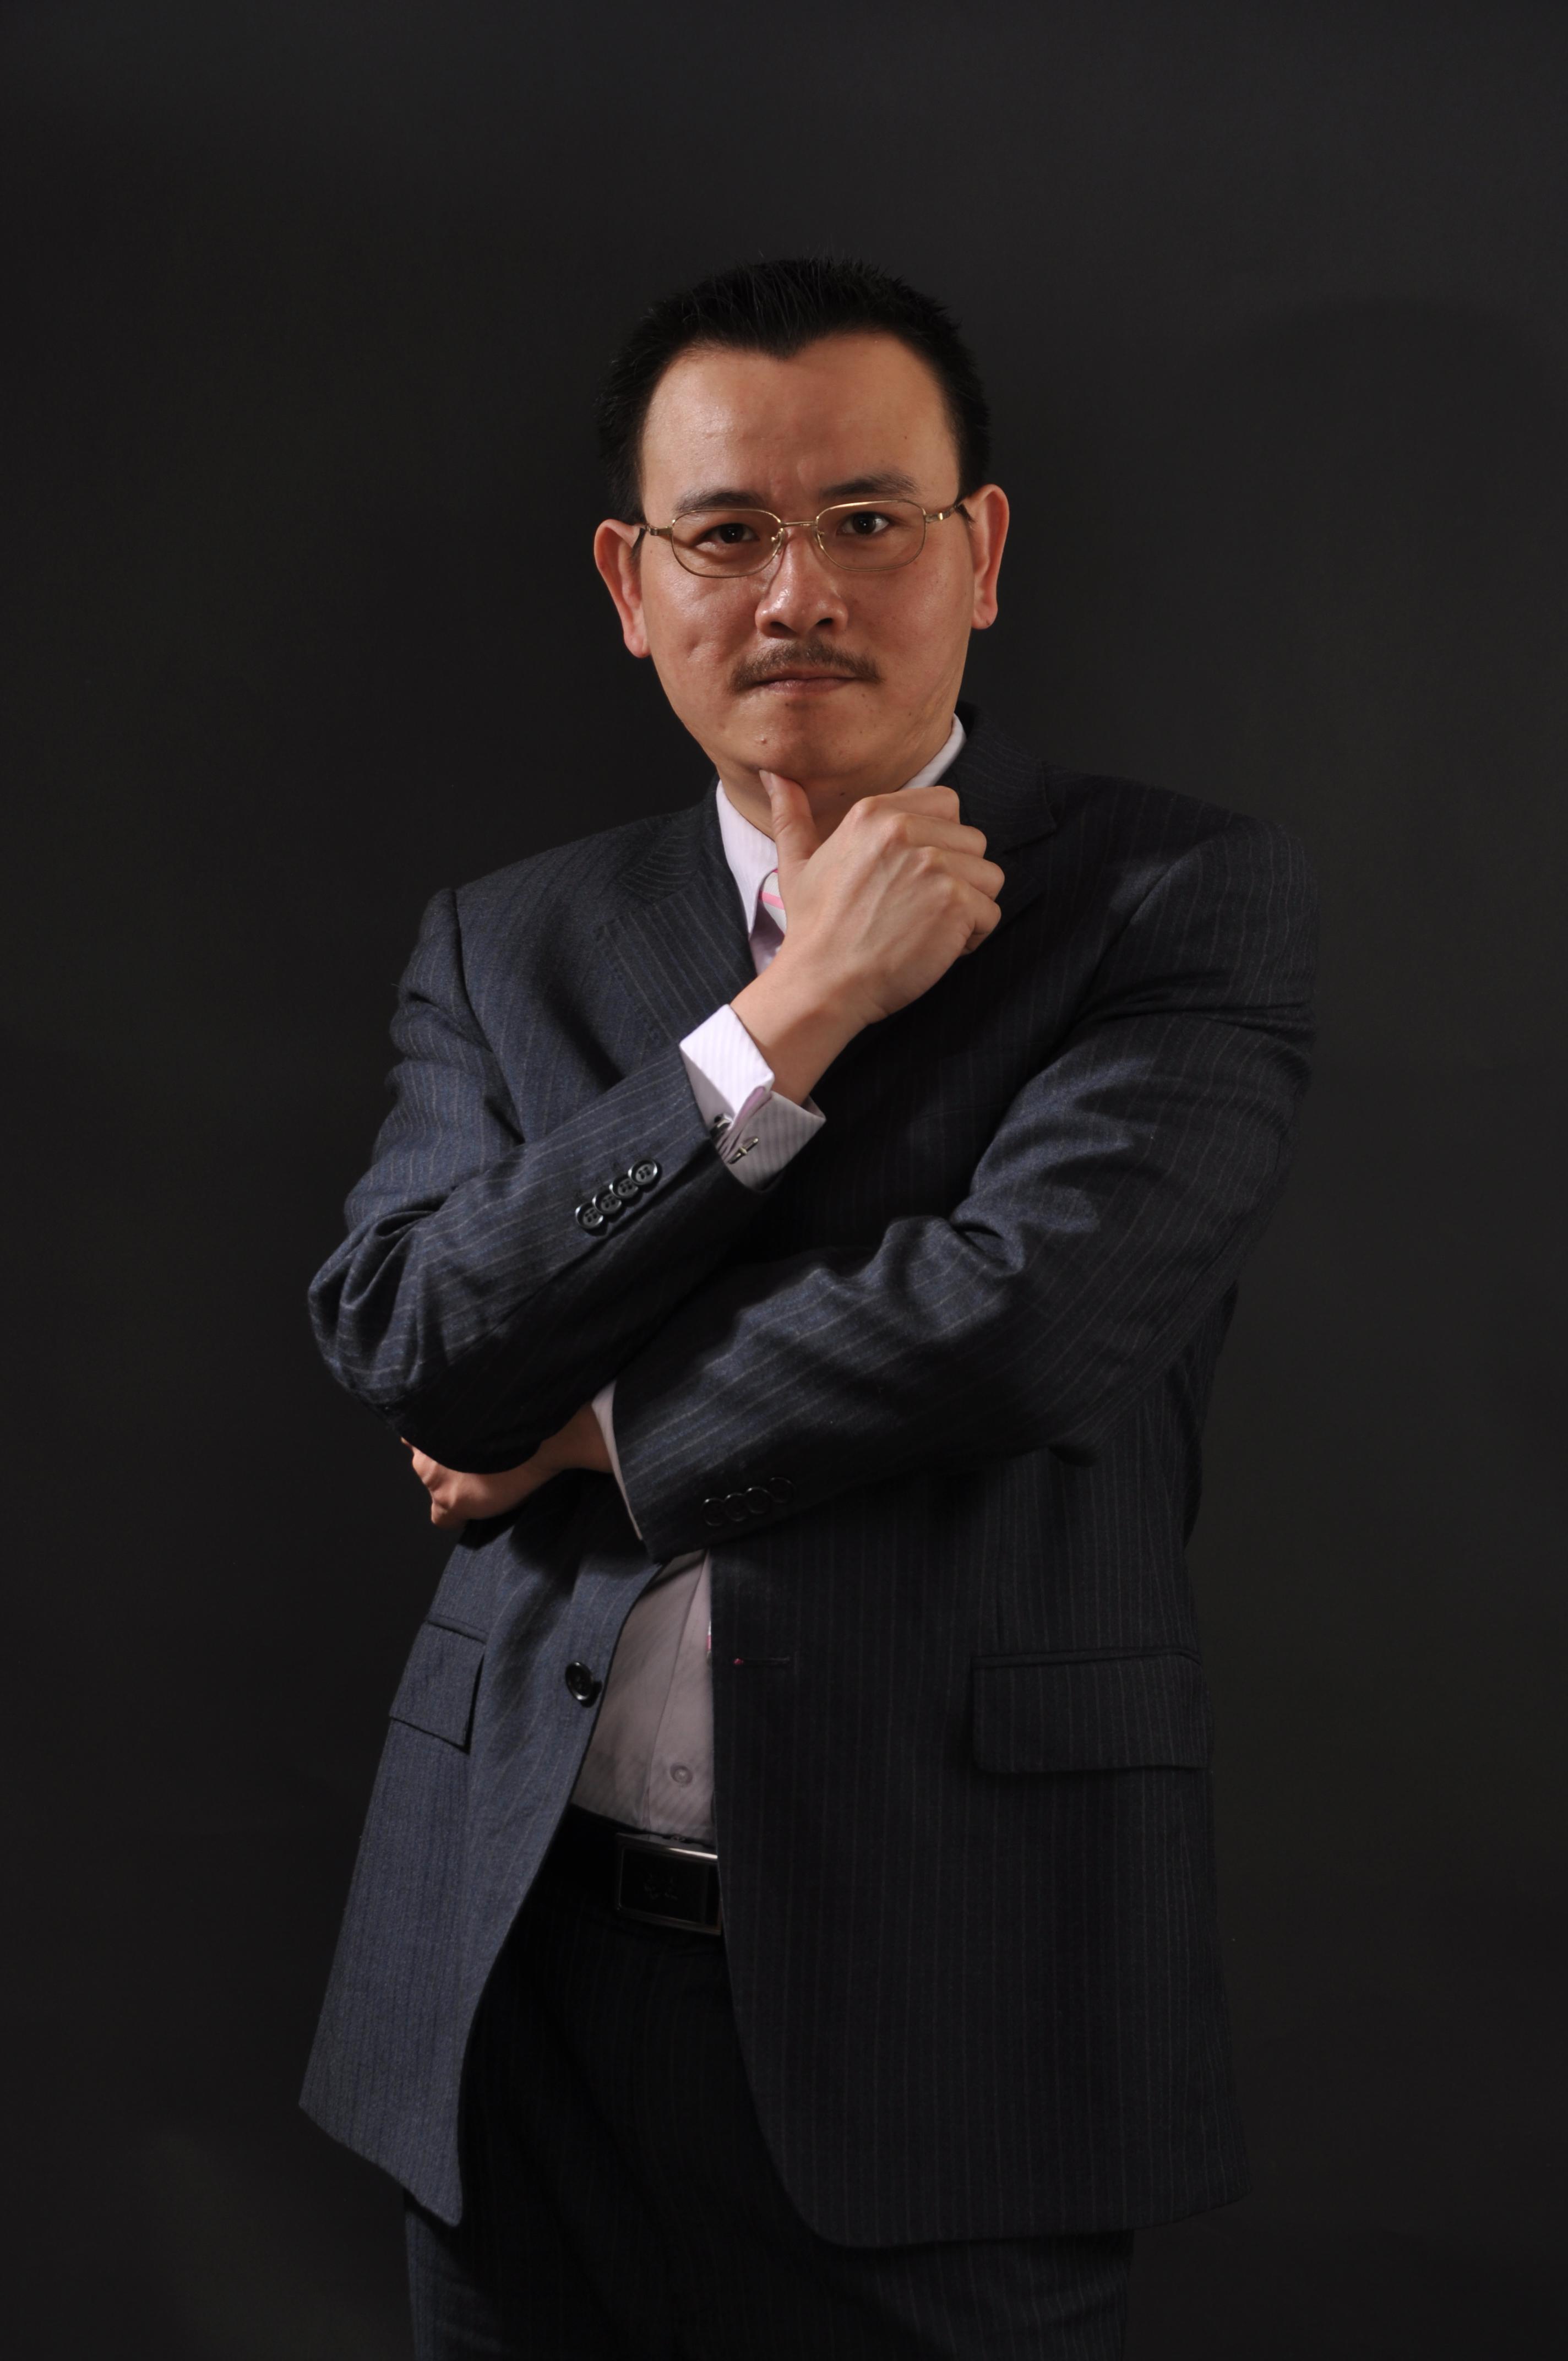 王念山老师头像